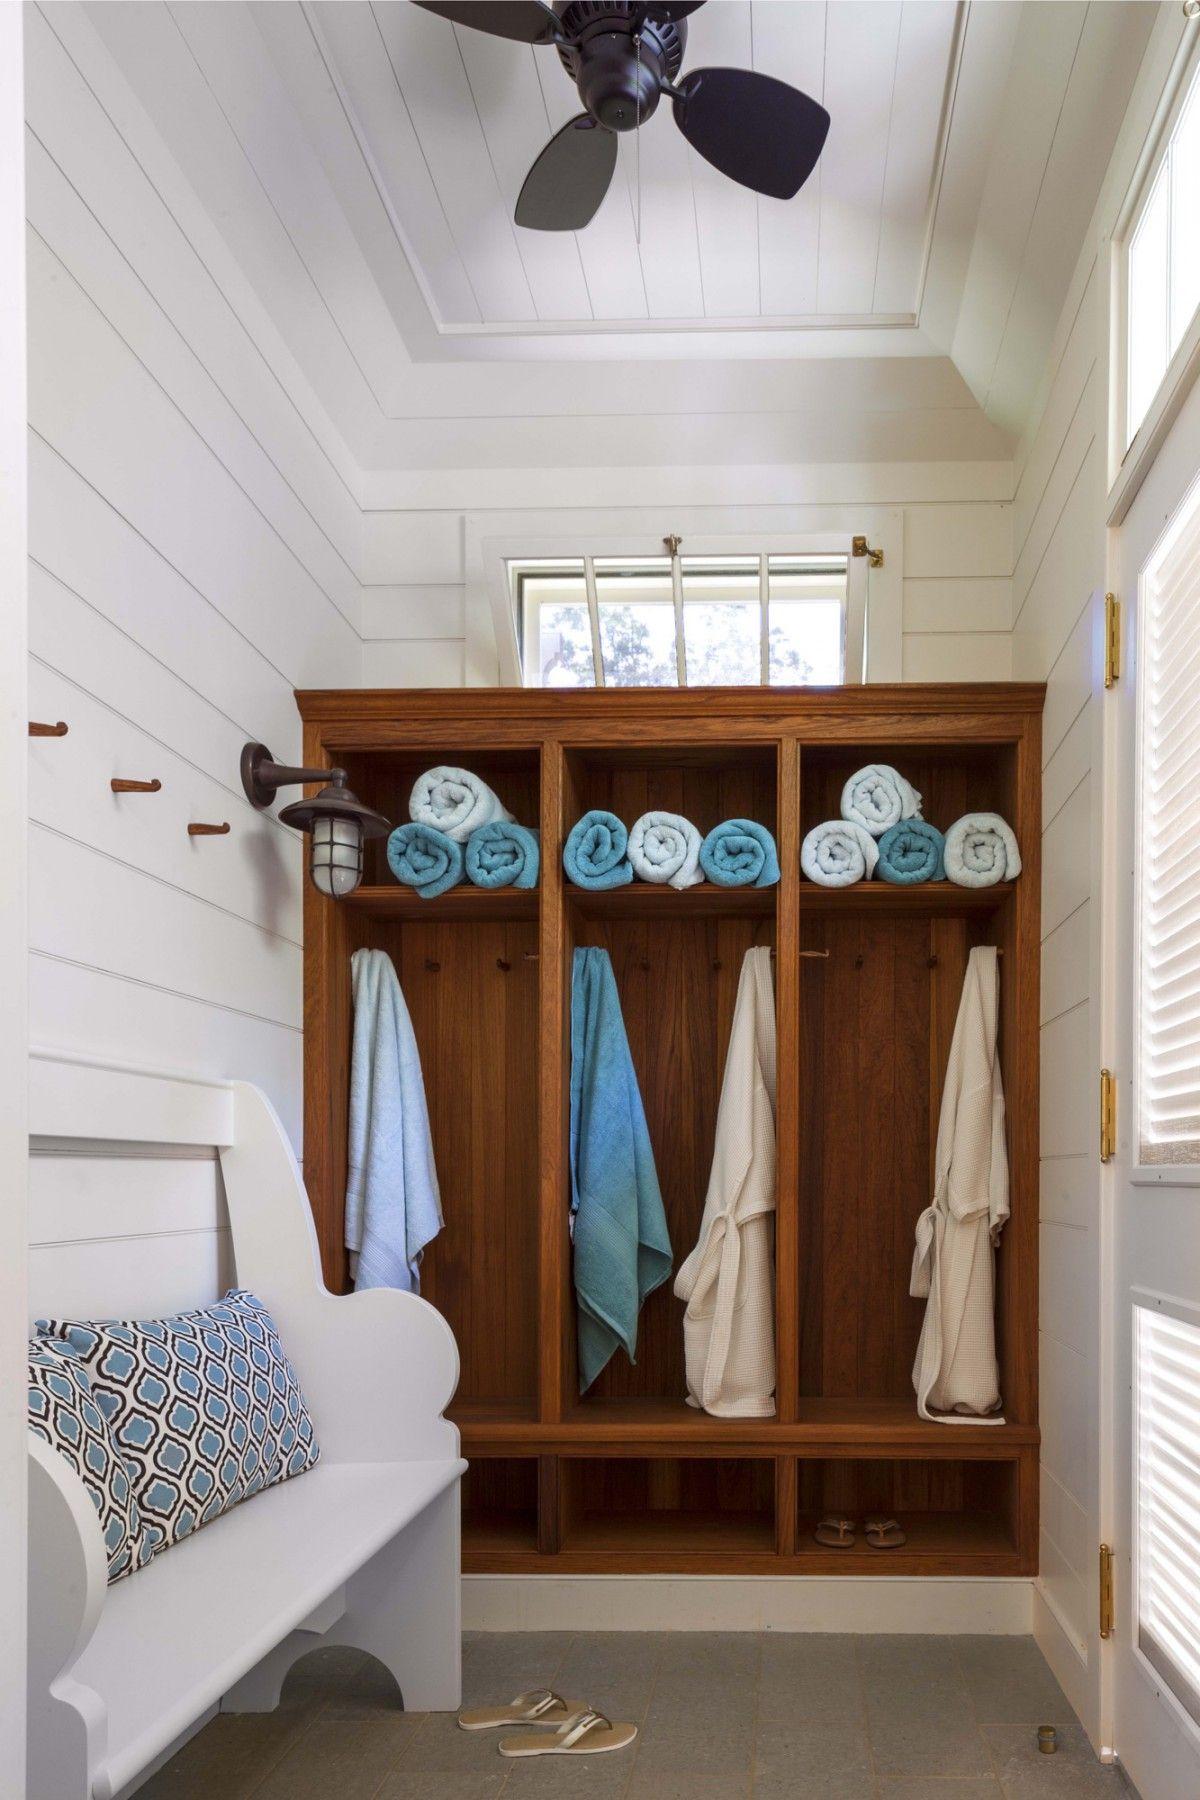 Poolhouse Bathroom Pool House Bathroom Pool House Decor Pool